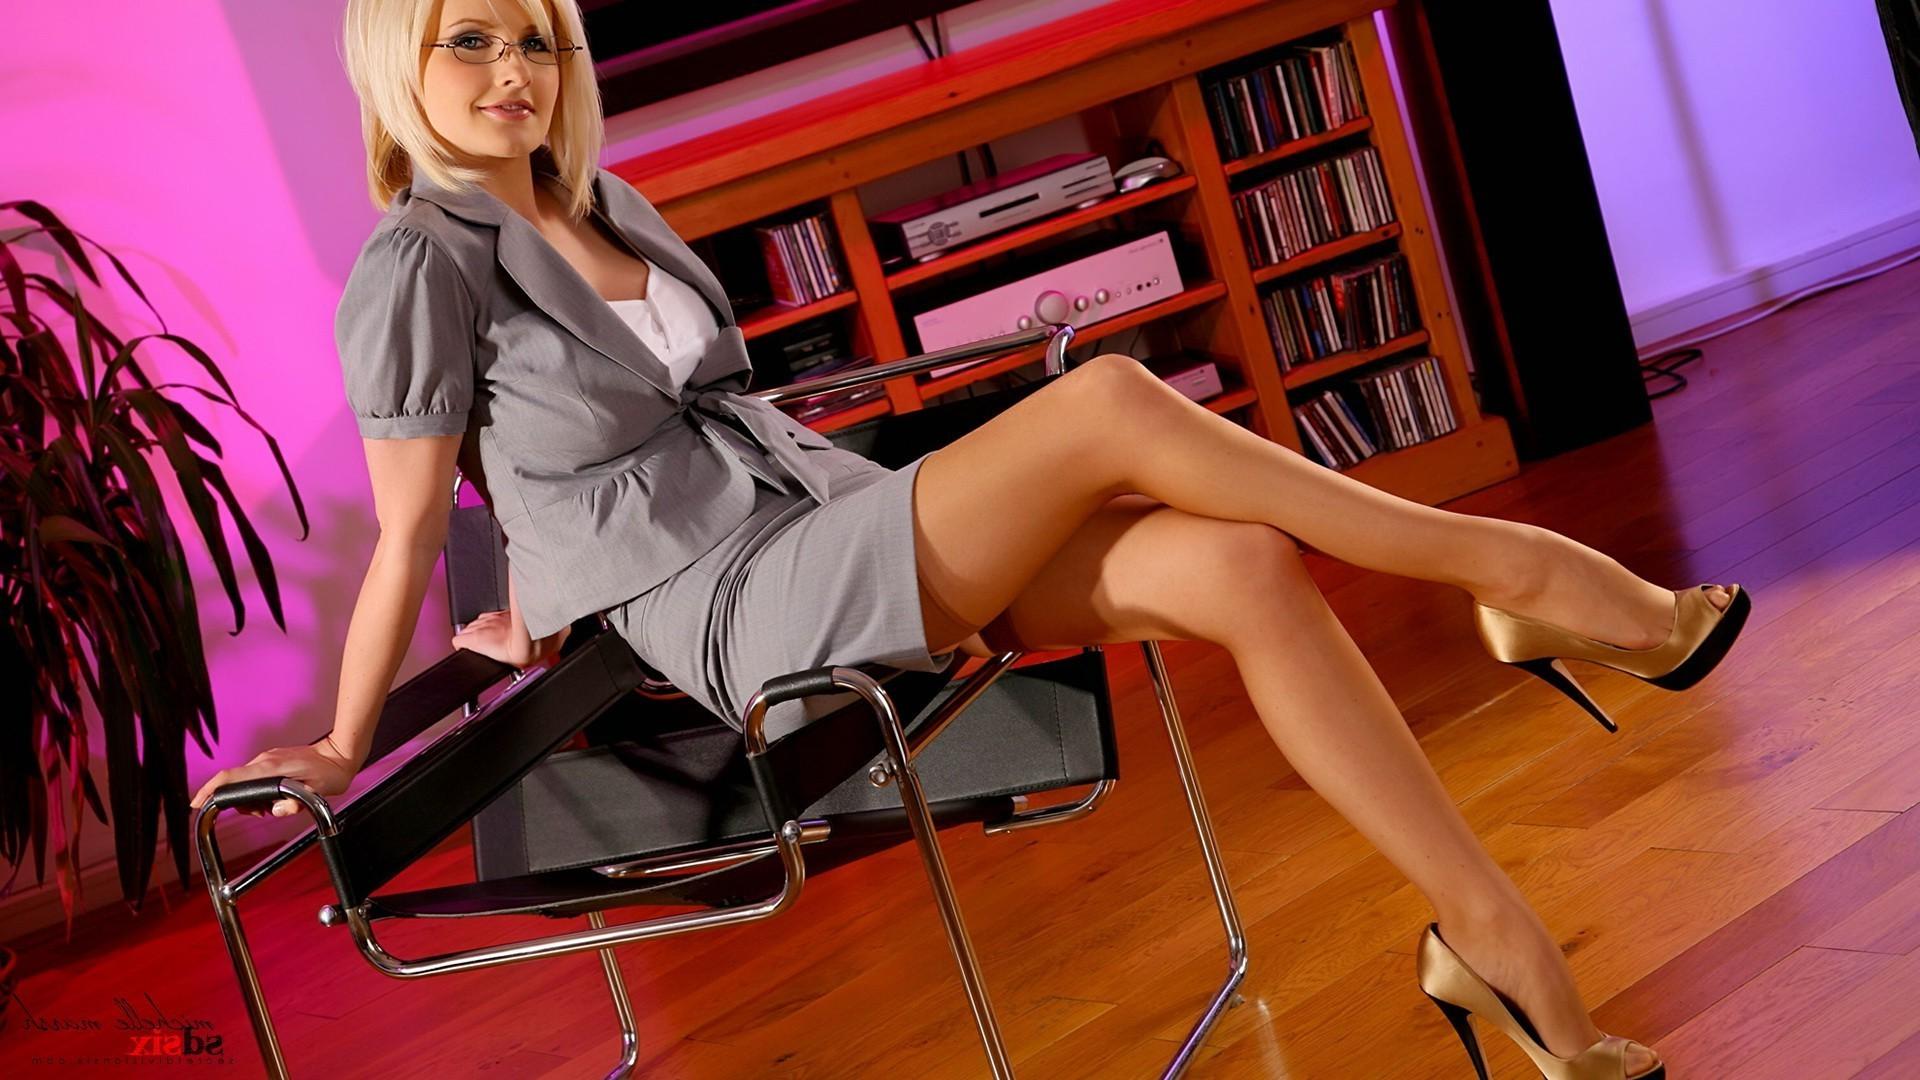 гламурная секретарша смотреть онлайн коротко, половое